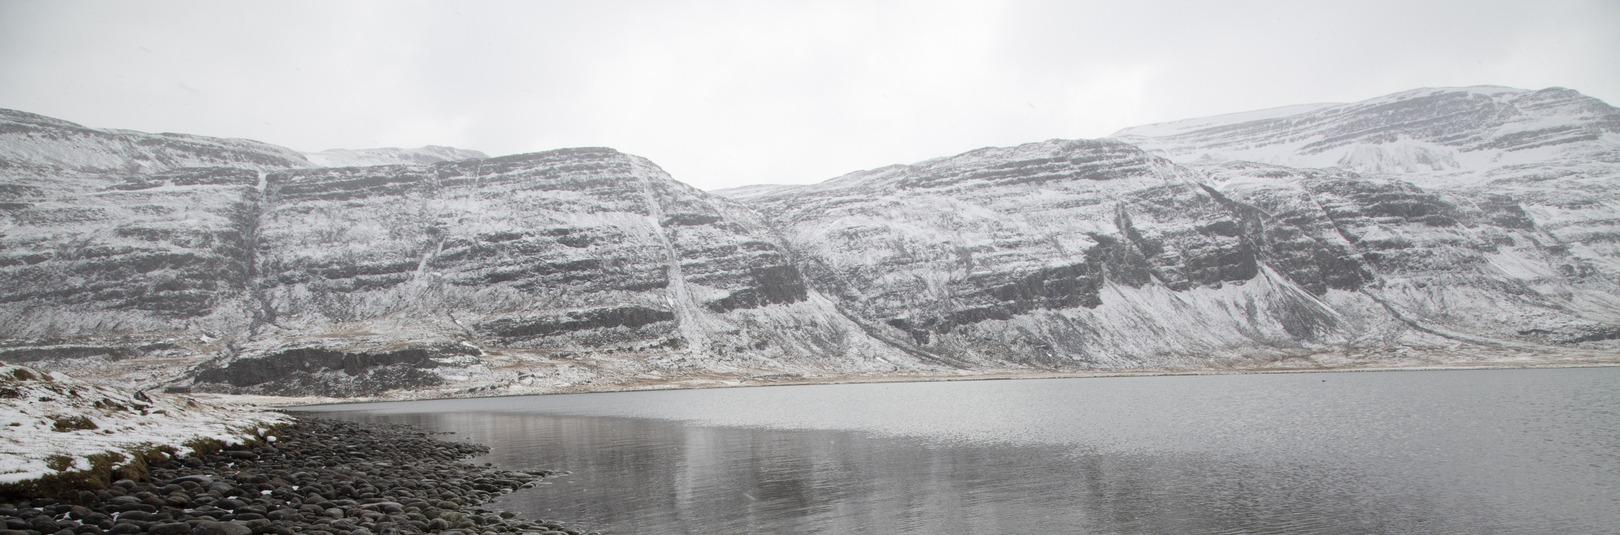 Vísitasíur - á vefsíðu Háskóla Íslands